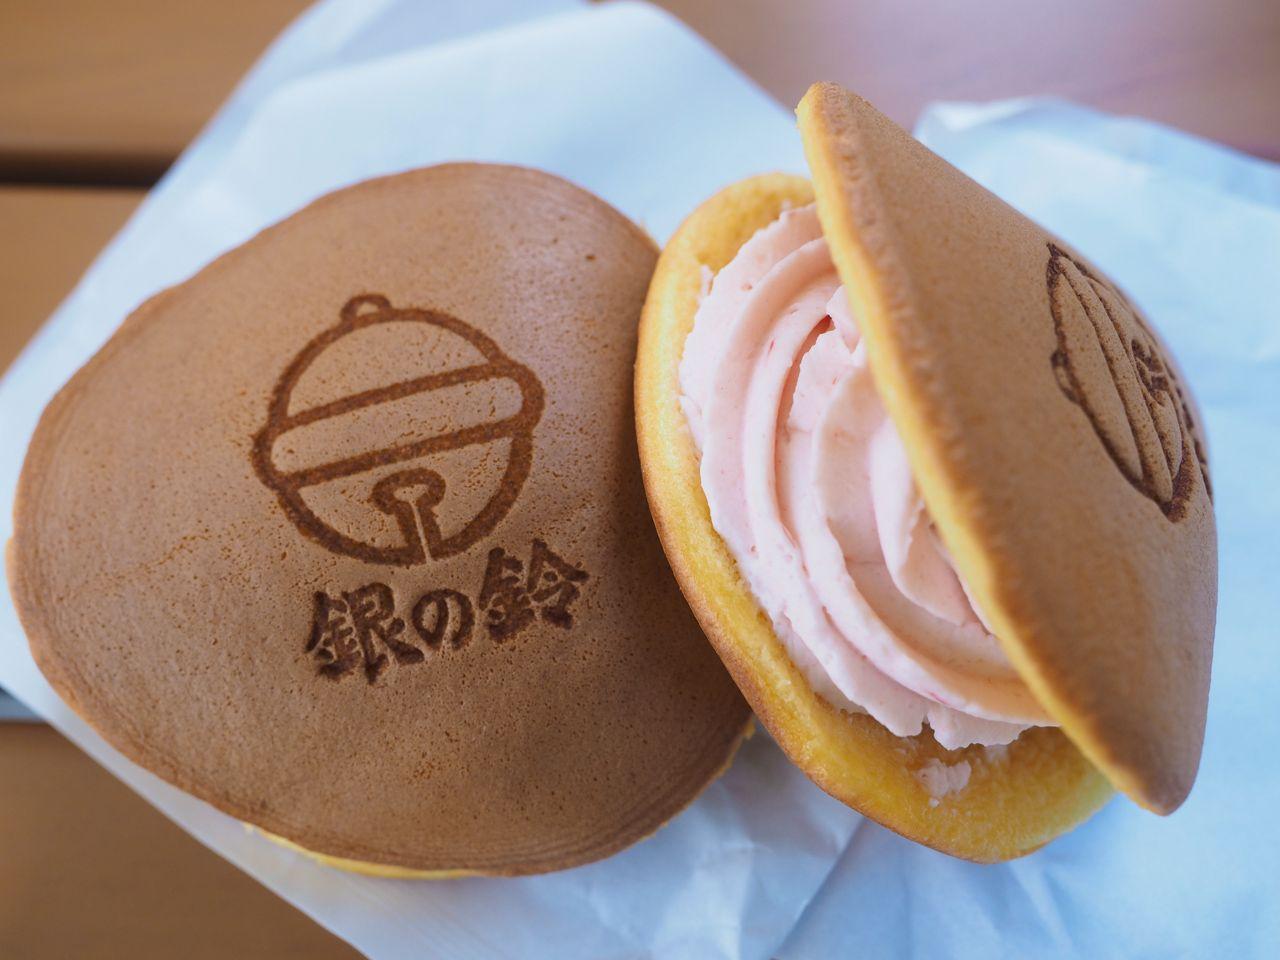 定番なのに新しい!東京駅限定の新発想・和菓子